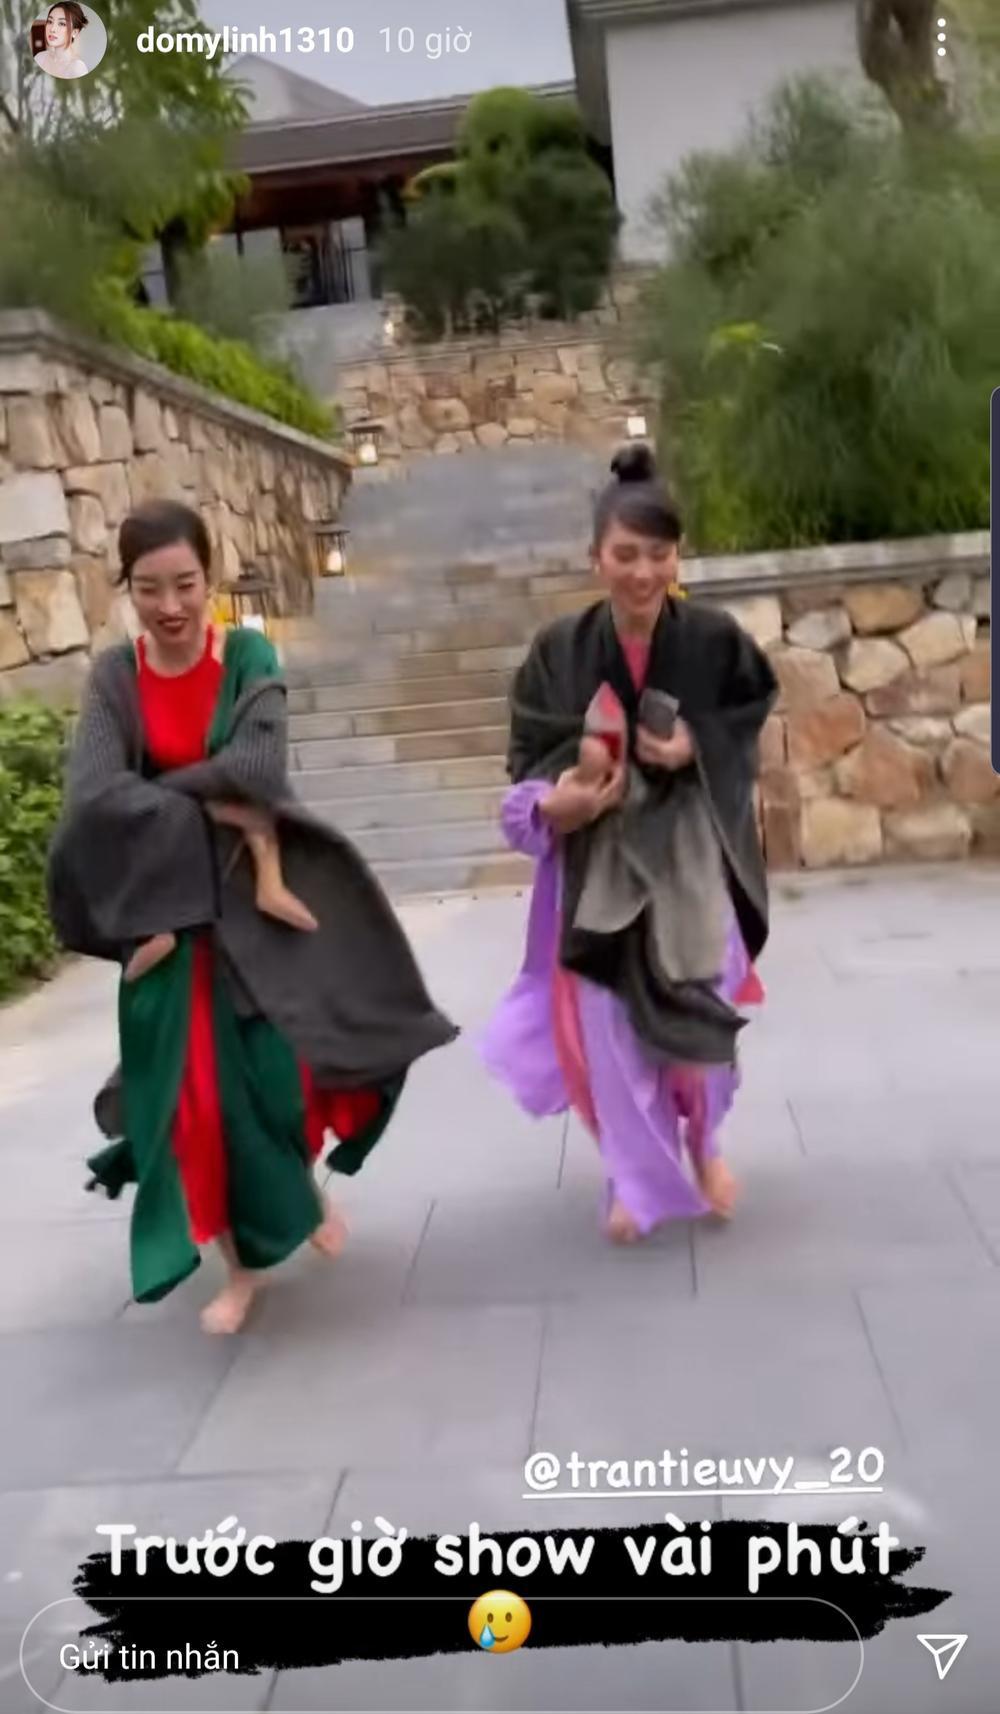 Đỗ Mỹ Linh, Tiểu Vy lên đồ lộng lẫy nhưng ôm giày chạy vì sợ trễ show khiến fan phì cười Ảnh 1